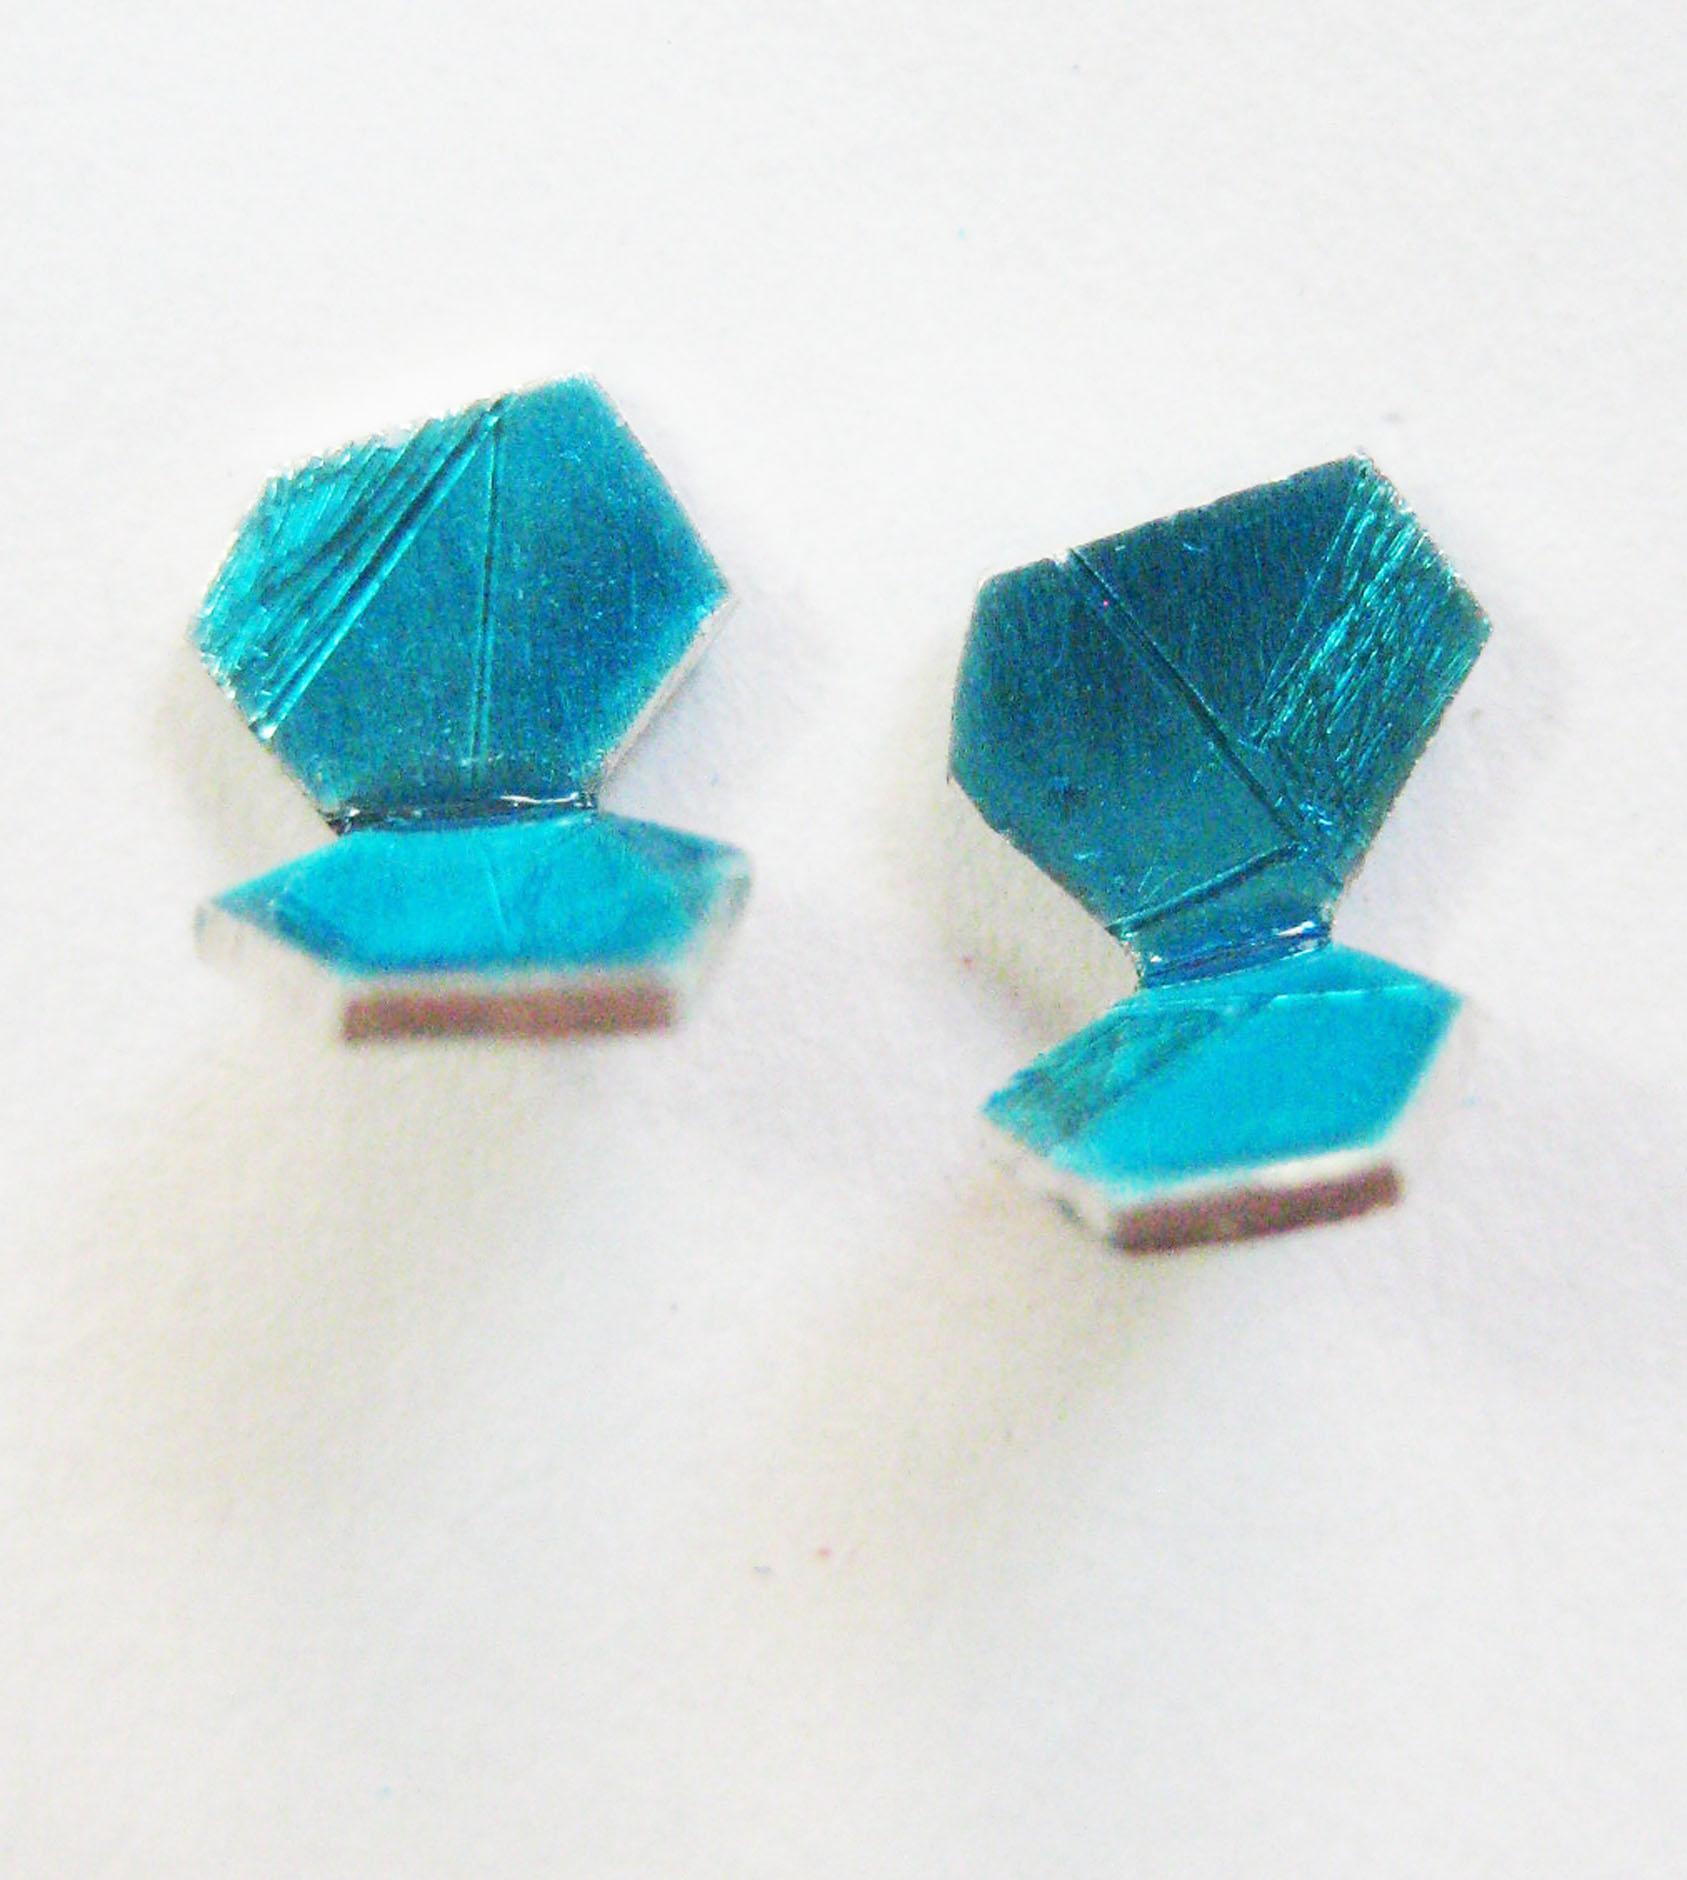 11-Tiny Teal Ear Gems-Voegele.jpg